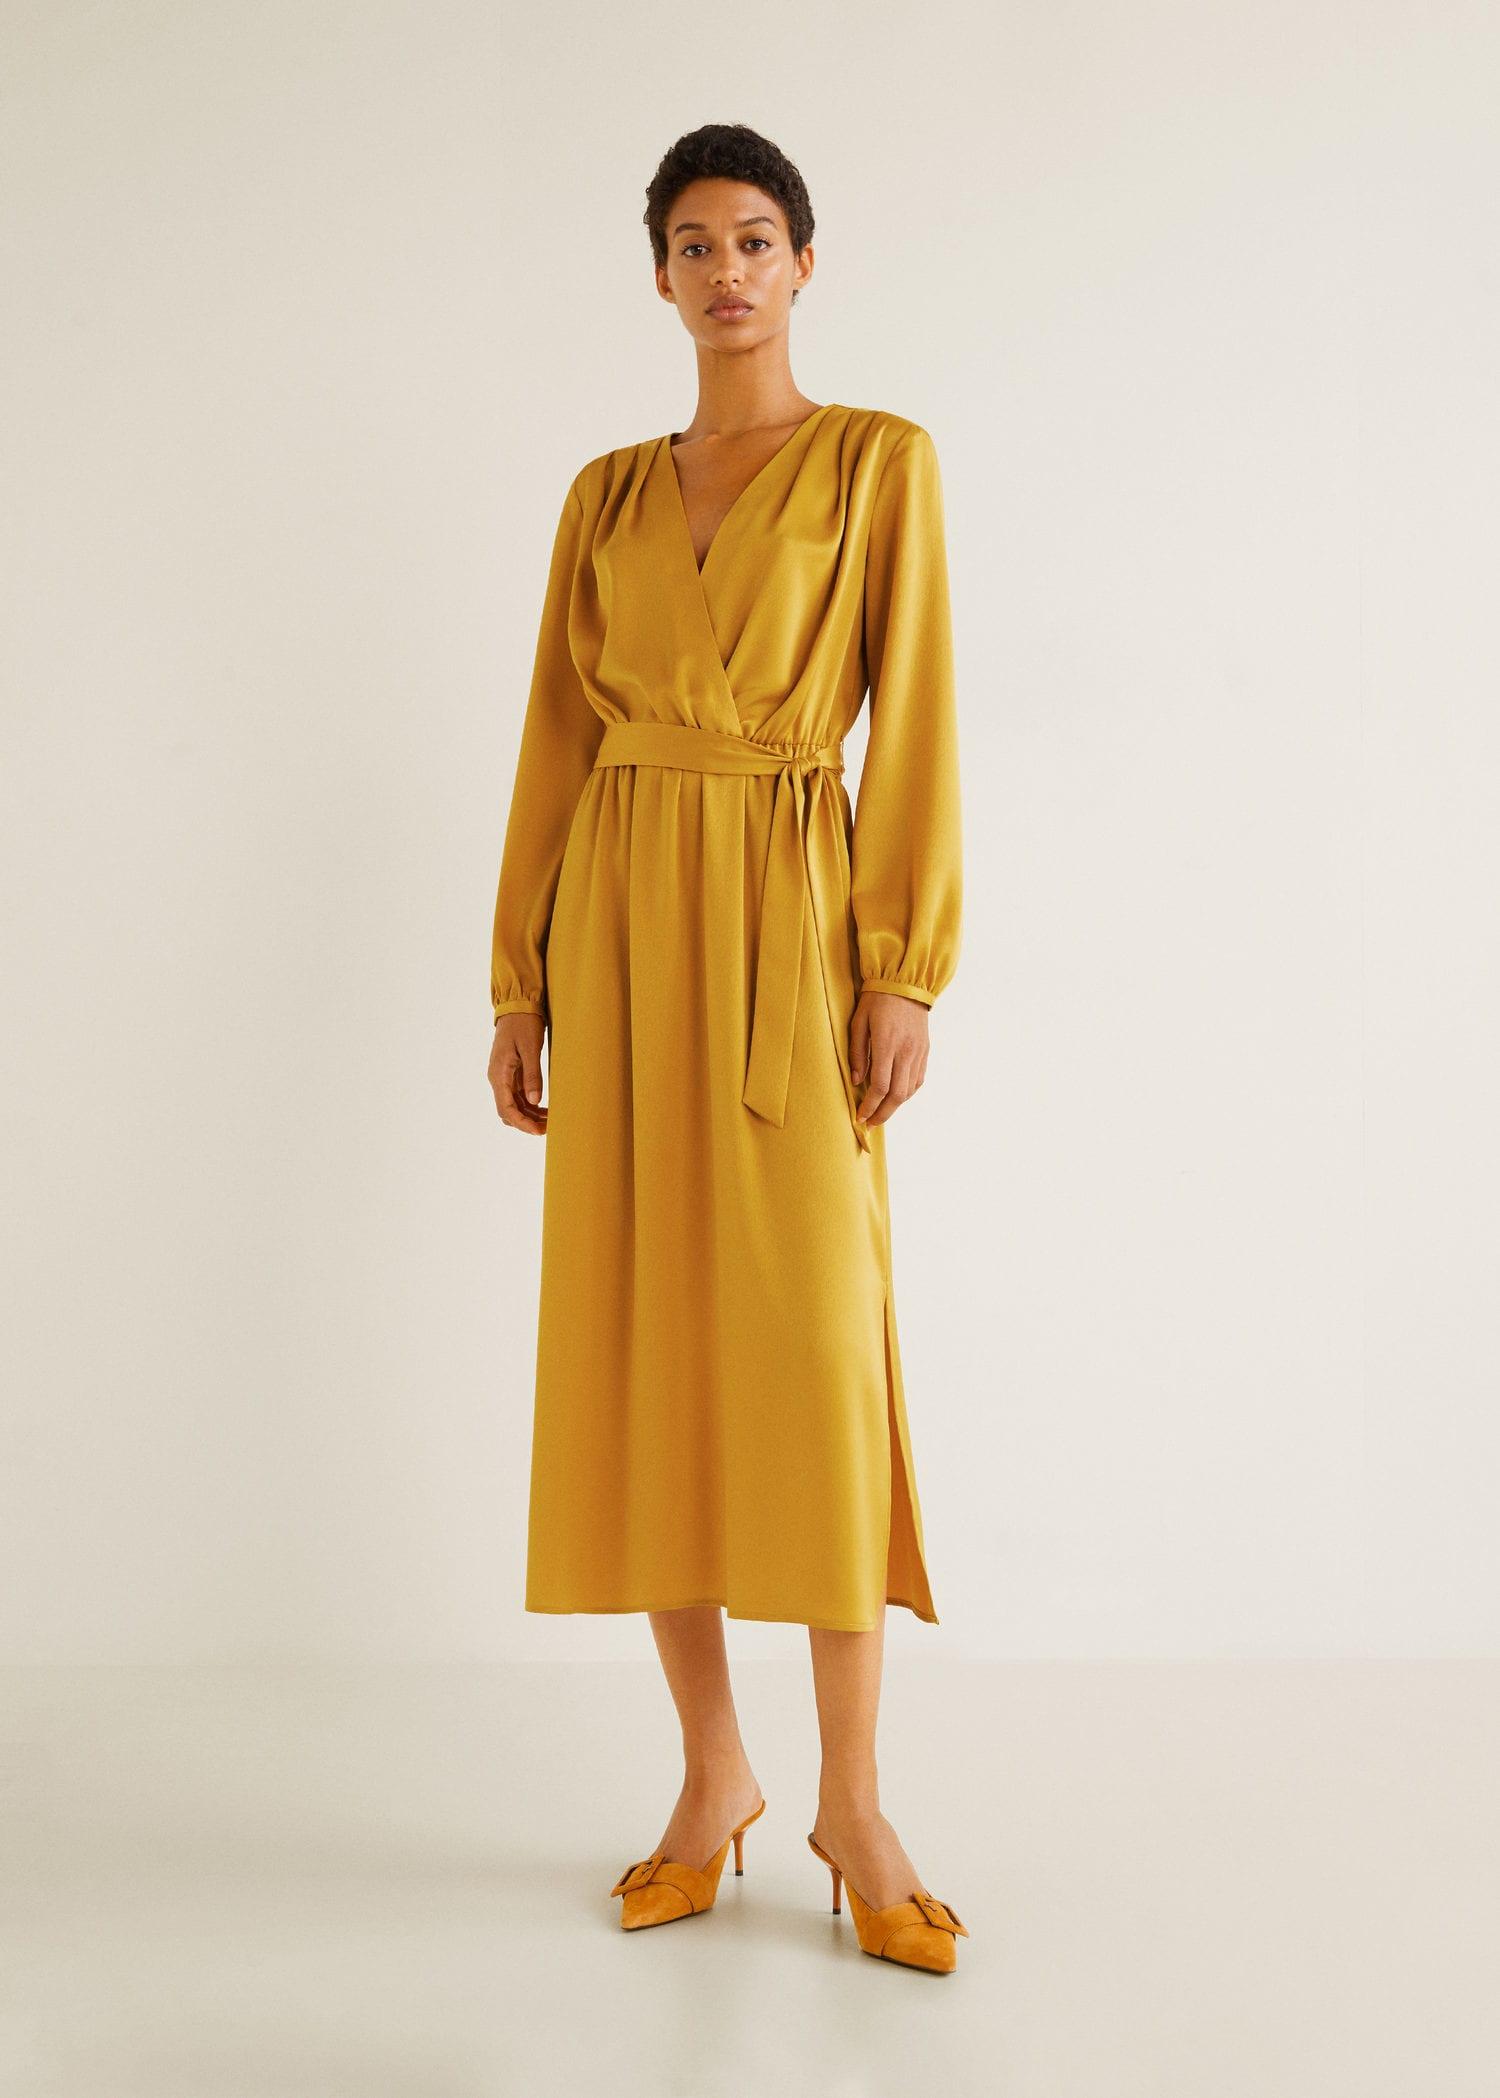 Abito oro satinato color oro Mango a 69,99 euro